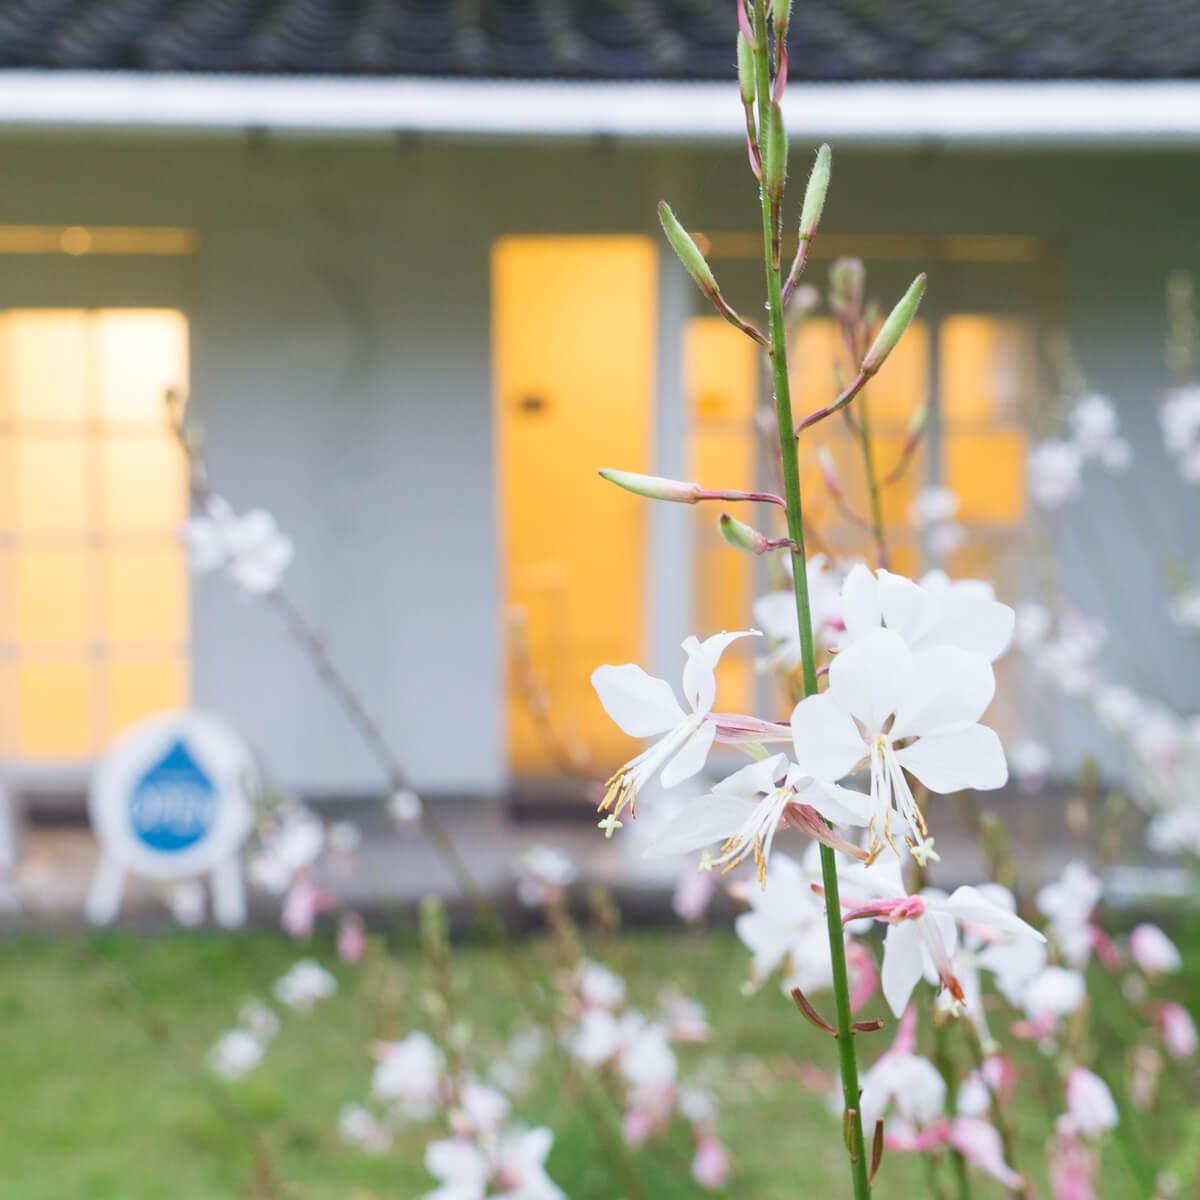 屋久島しずくギャラリー 屋久島の花に囲まれて 結婚指輪の相談会 屋久島でつくる結婚指輪